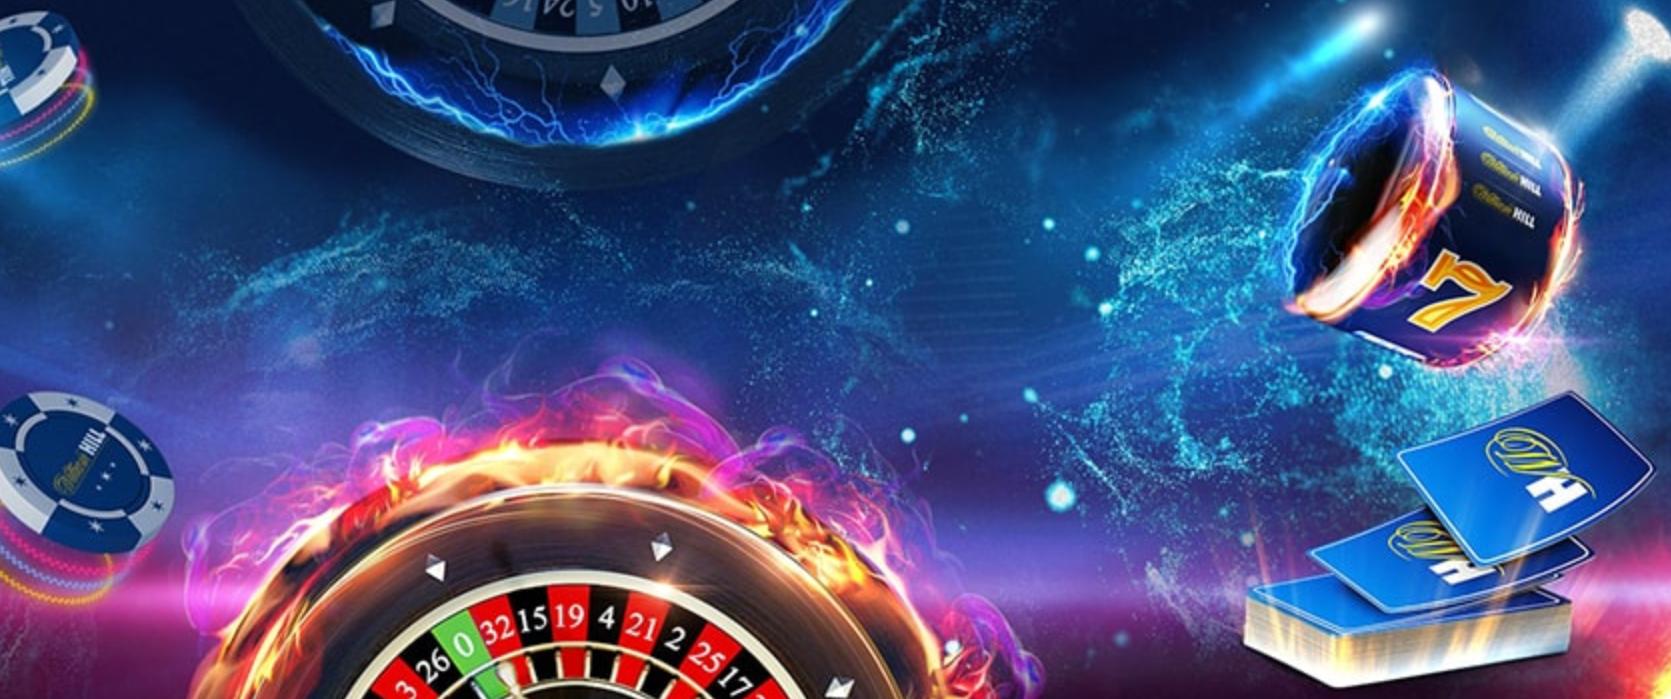 Benyt casino bonuskoder til spillemaskiner